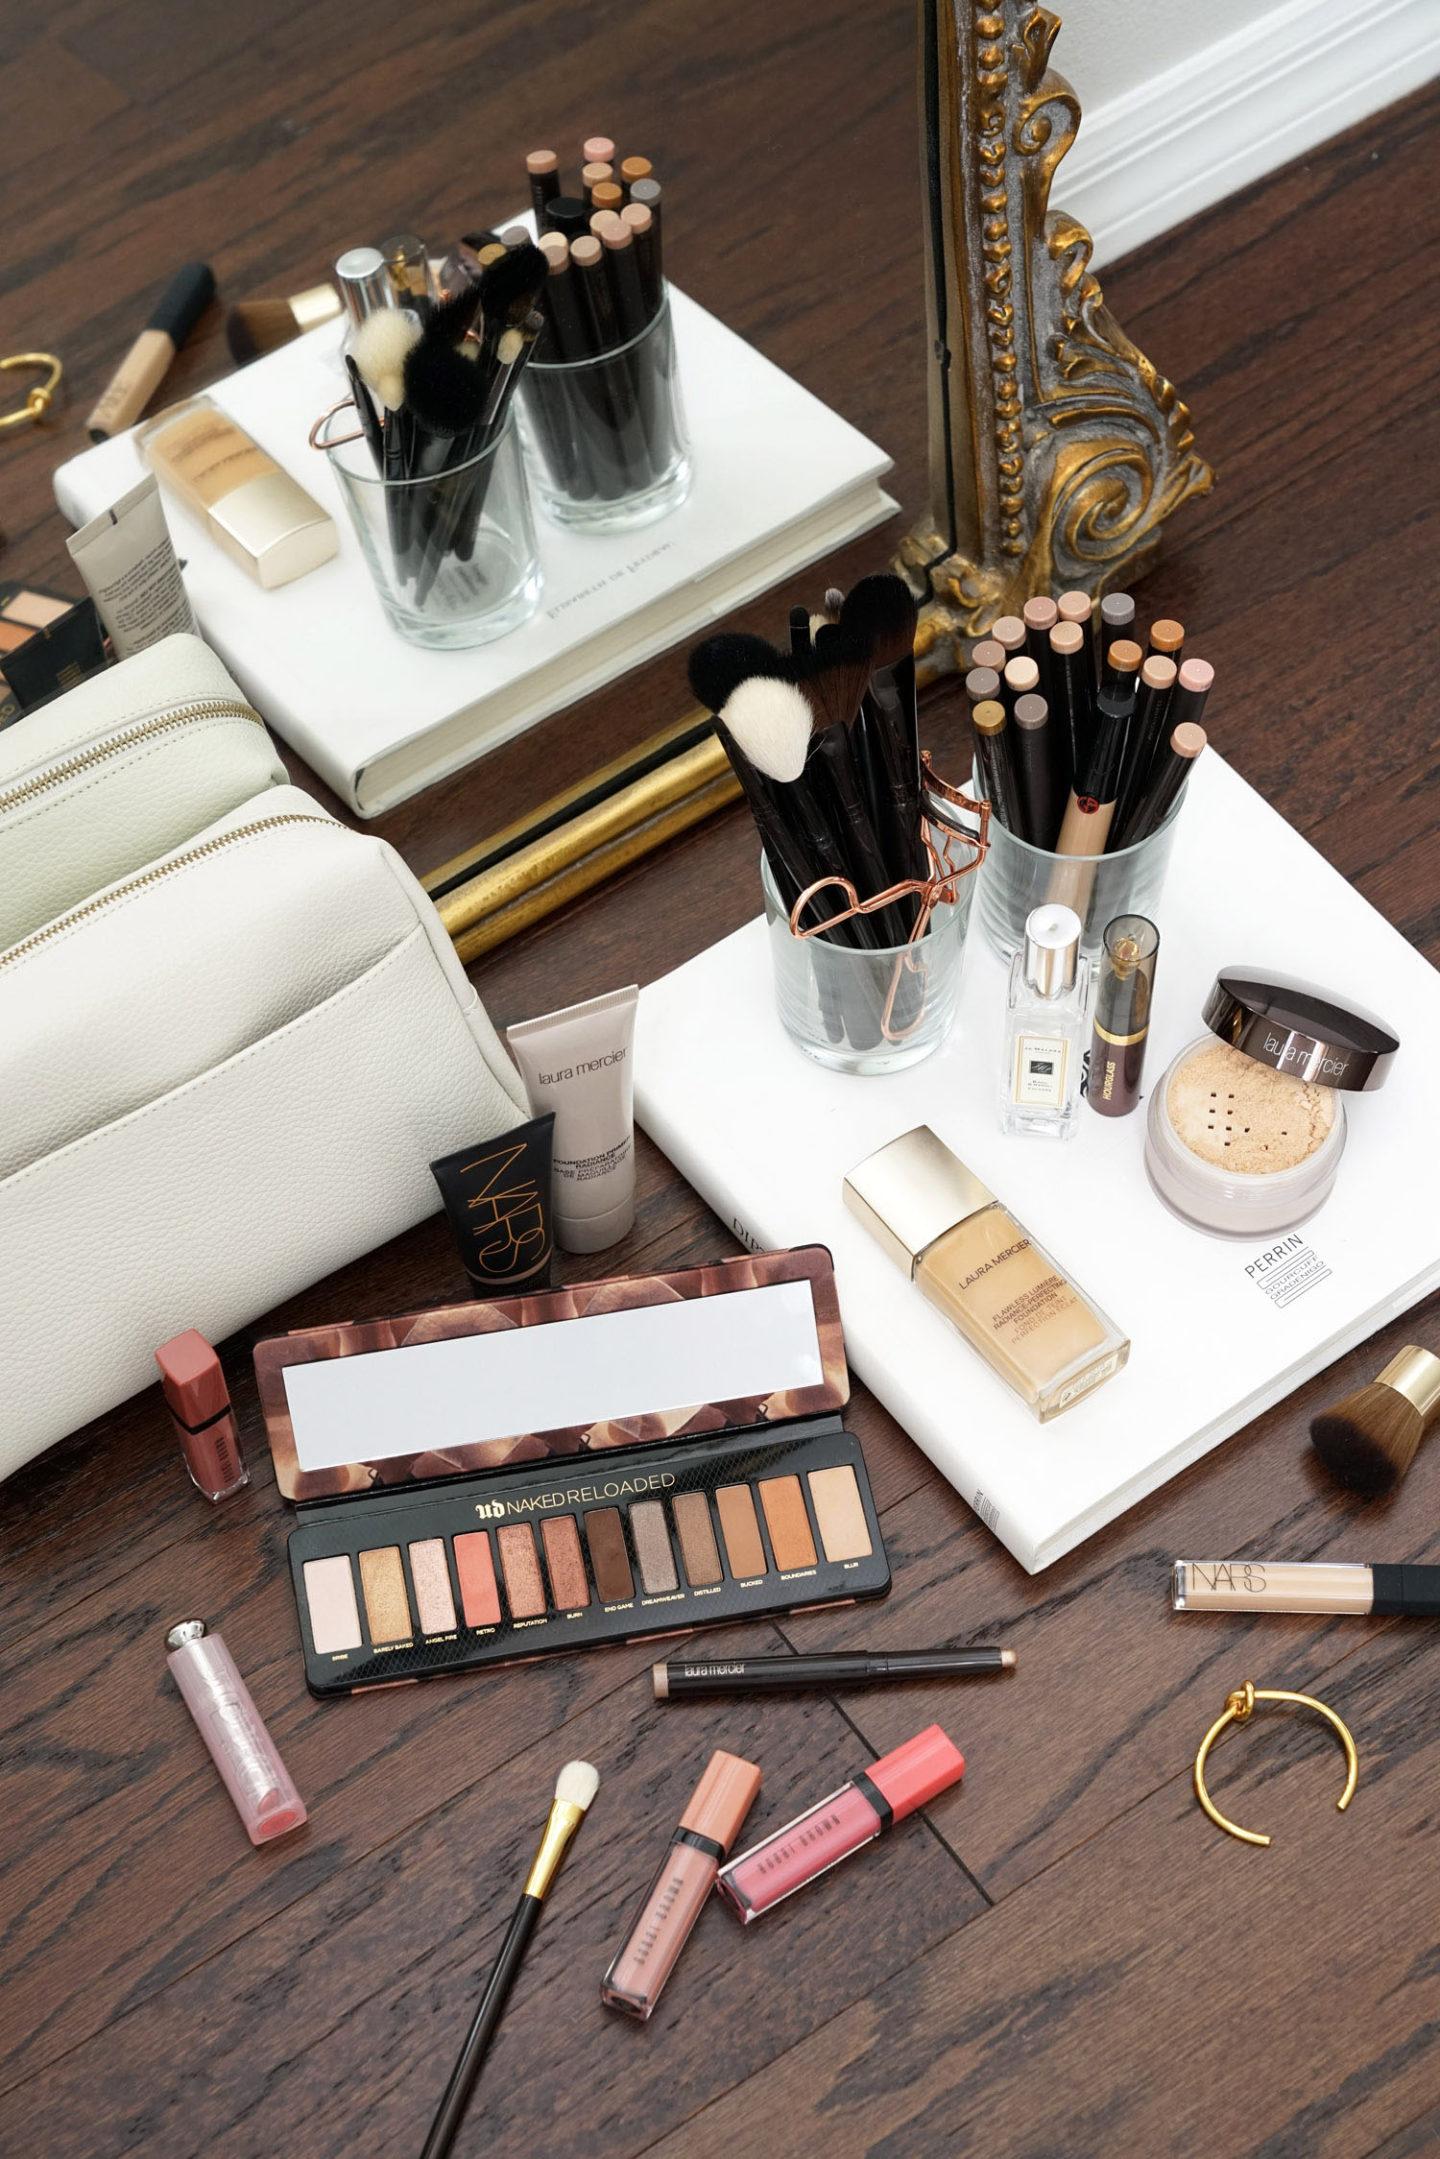 Tout le monde parle de maquillage de printemps, Urban Decay Naked Reloaded, Huile pour les lèvres teintée sablier, Fondation Laura Mercier Flawless Lumiere Radiance